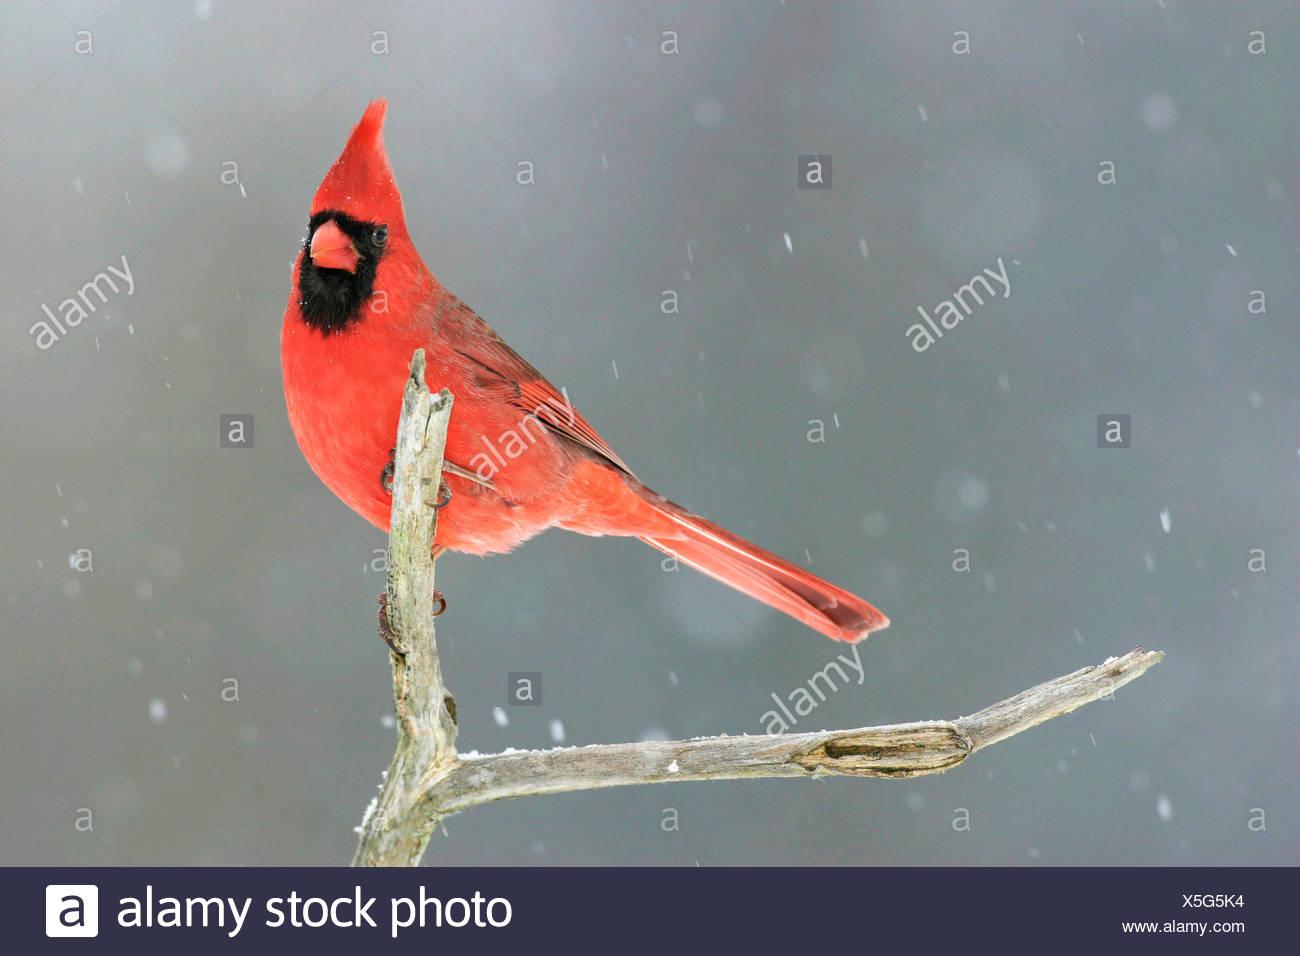 Rotkardinal, Rot-Kardinal, Roter Kardinal (Cardinalis cardinalis), sitzt bei Schneefall auf einem Ast, USA, Michigan | Common ca - Stock Image